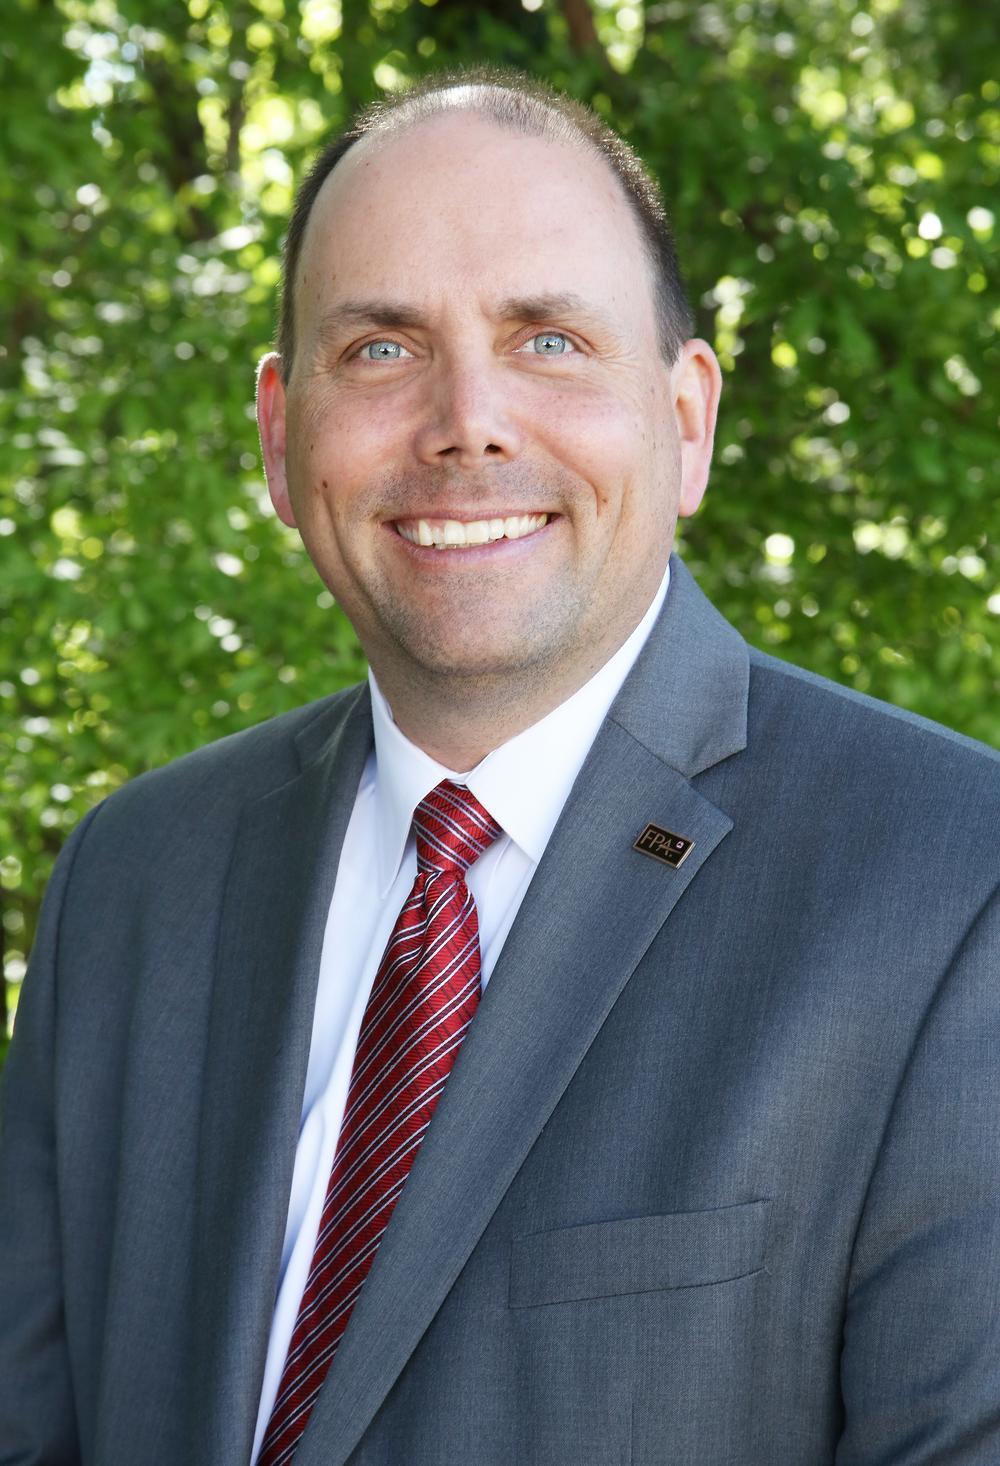 Ed Gjertsen, Certified Financial Plannier